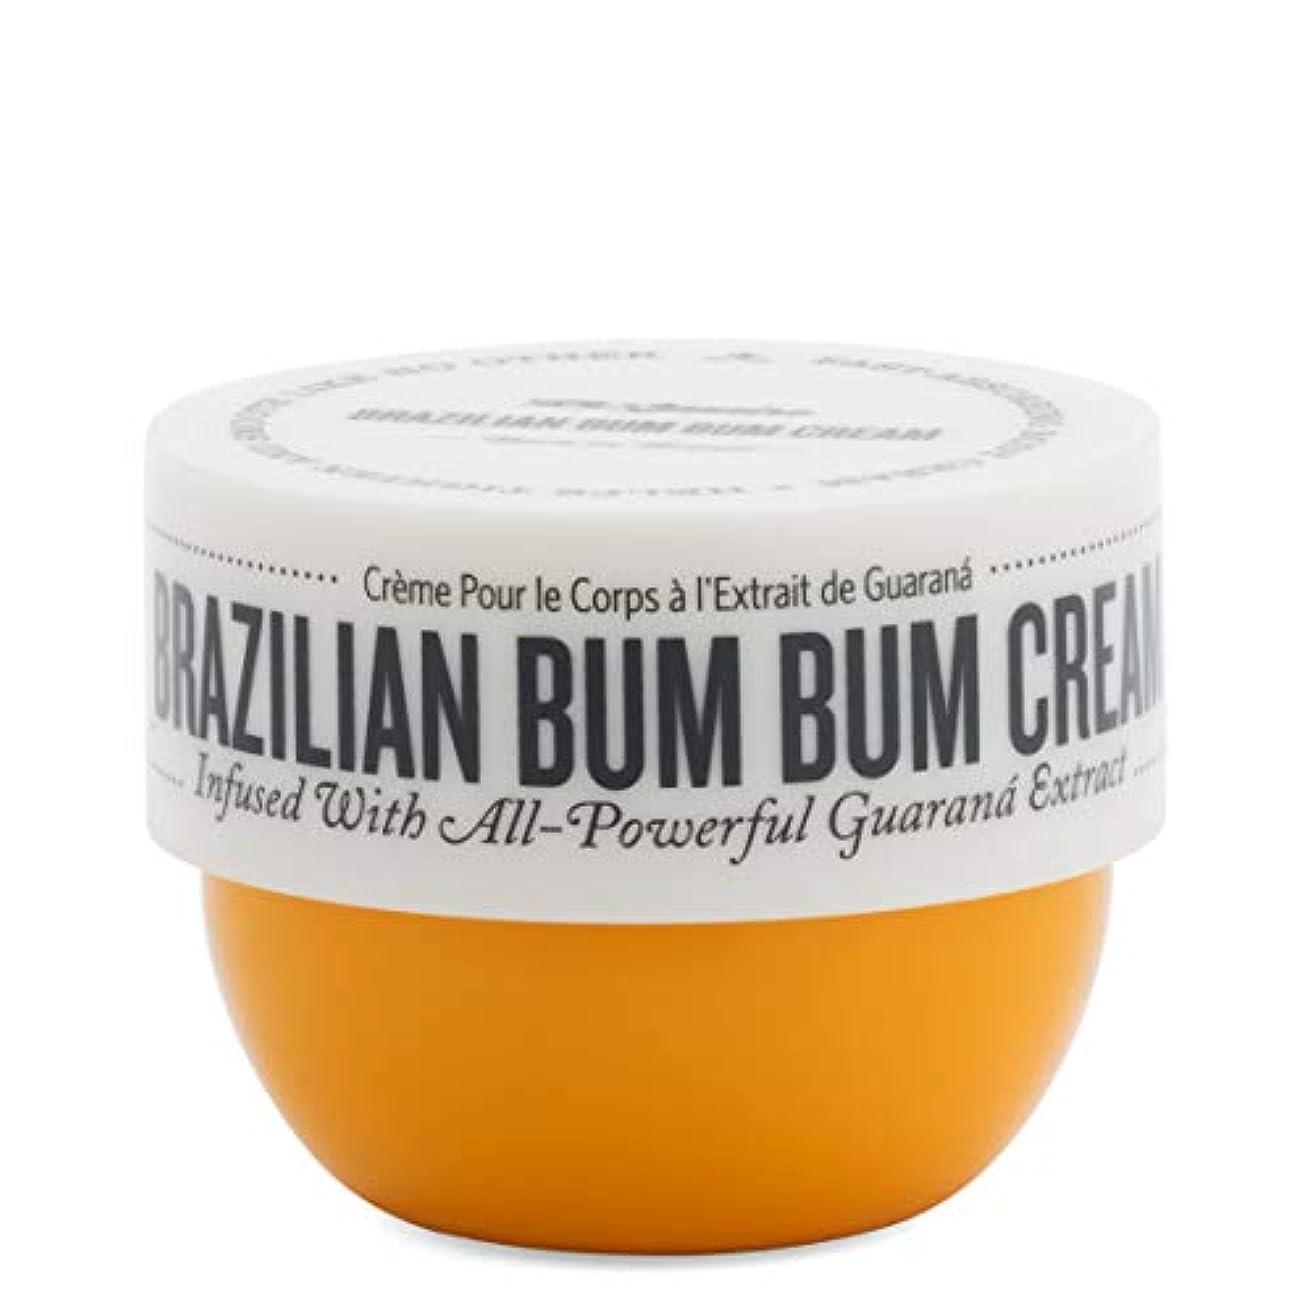 いわゆる実験室壊れた《 ブラジリアン ブンブンクリーム 》Brazilian BUM BUM Cream (74ml)